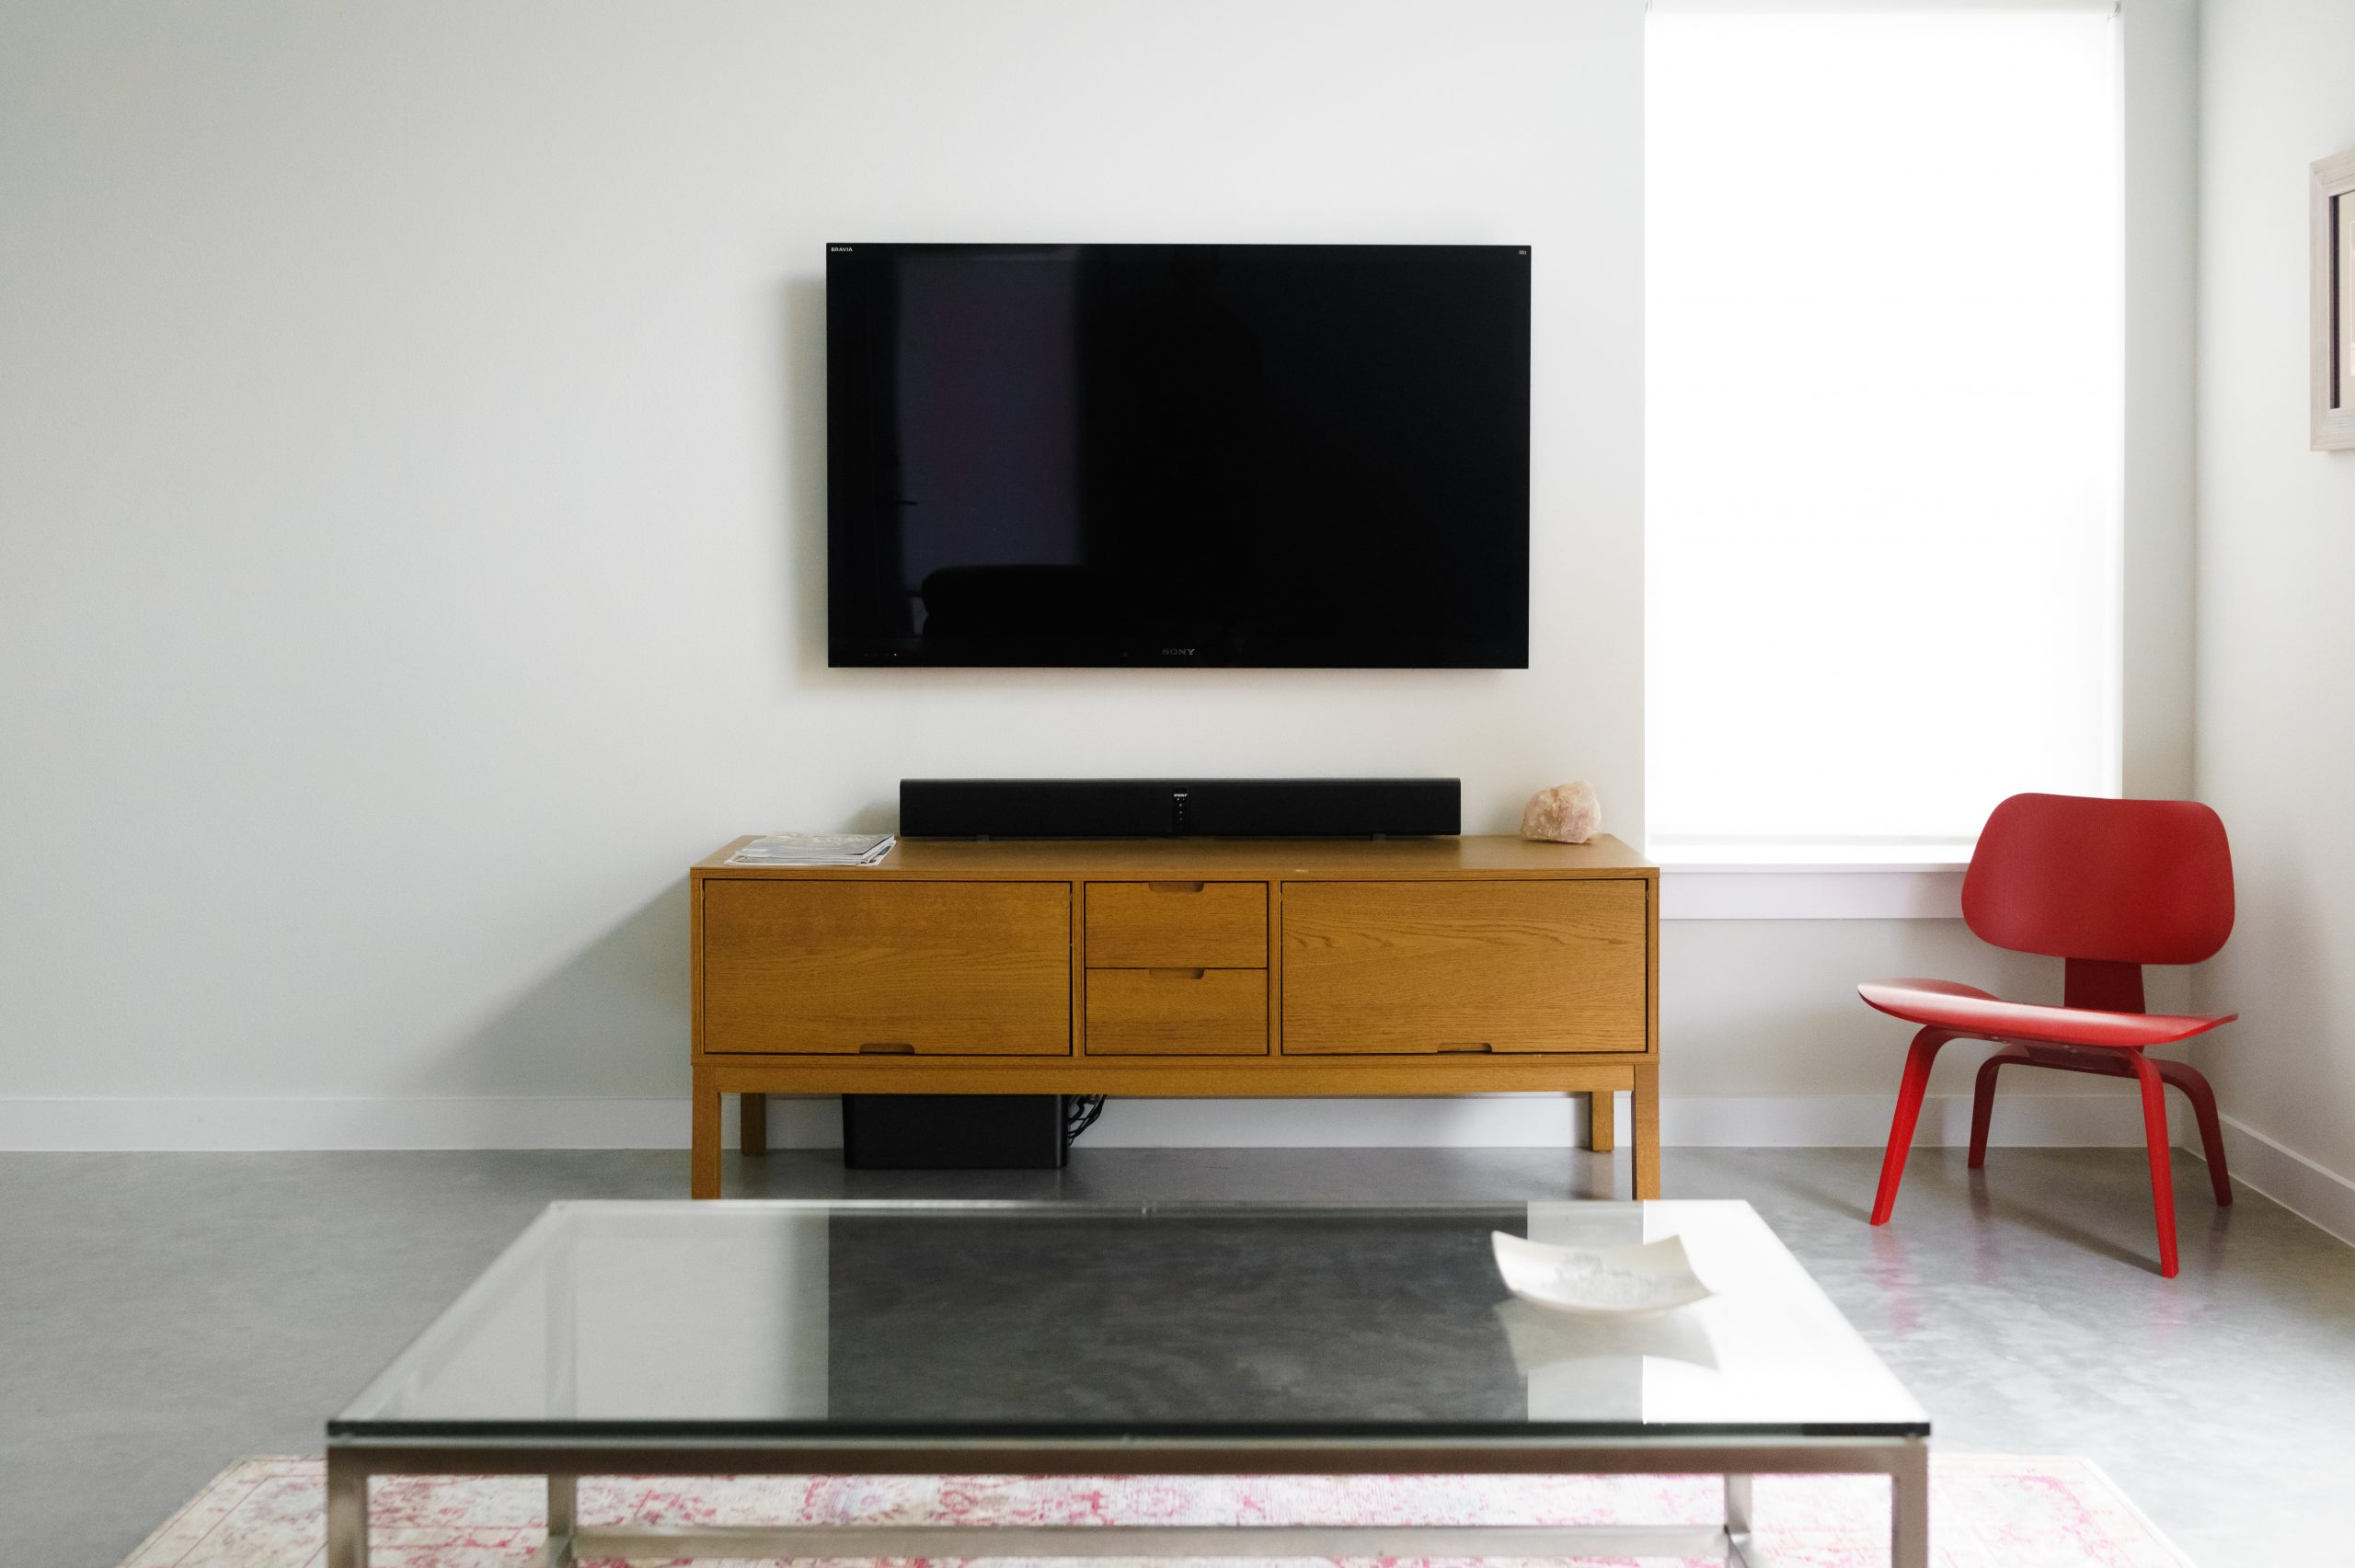 Miglior TV 55 pollici 2021: Guida all'acquisto